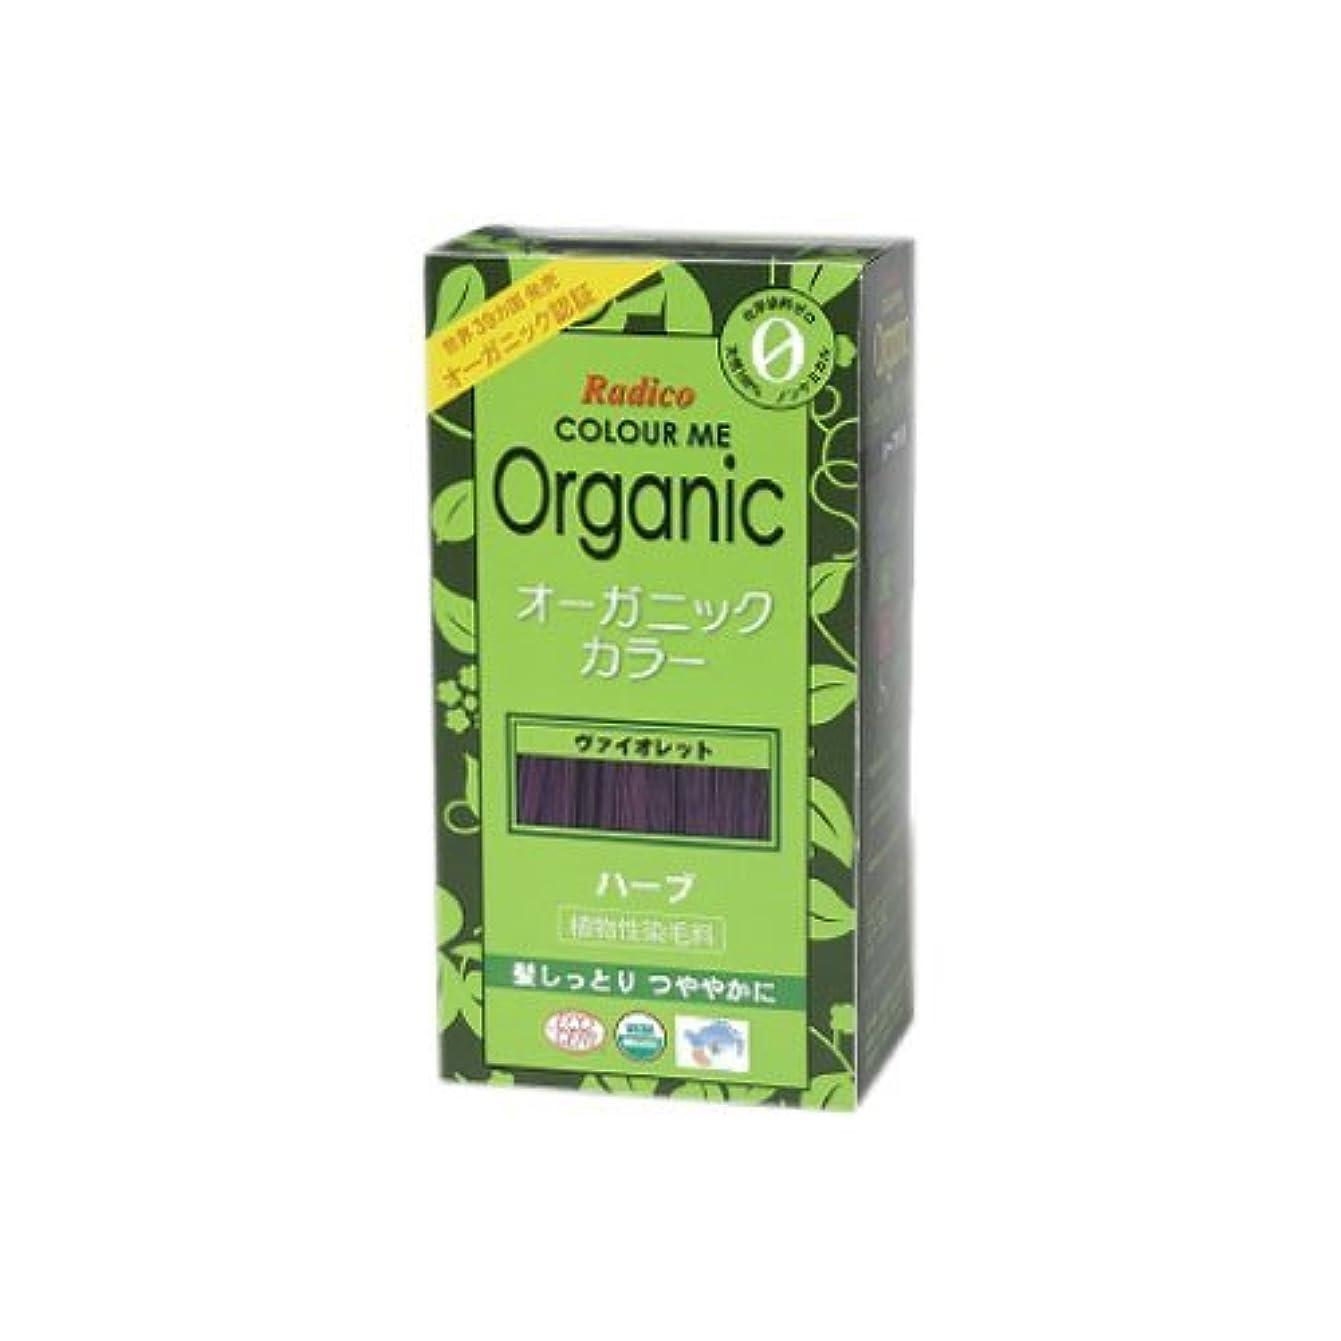 とにかく誇張で出来ているCOLOURME Organic (カラーミーオーガニック ヘナ 白髪用 紫色) ヴァイオレット 100g